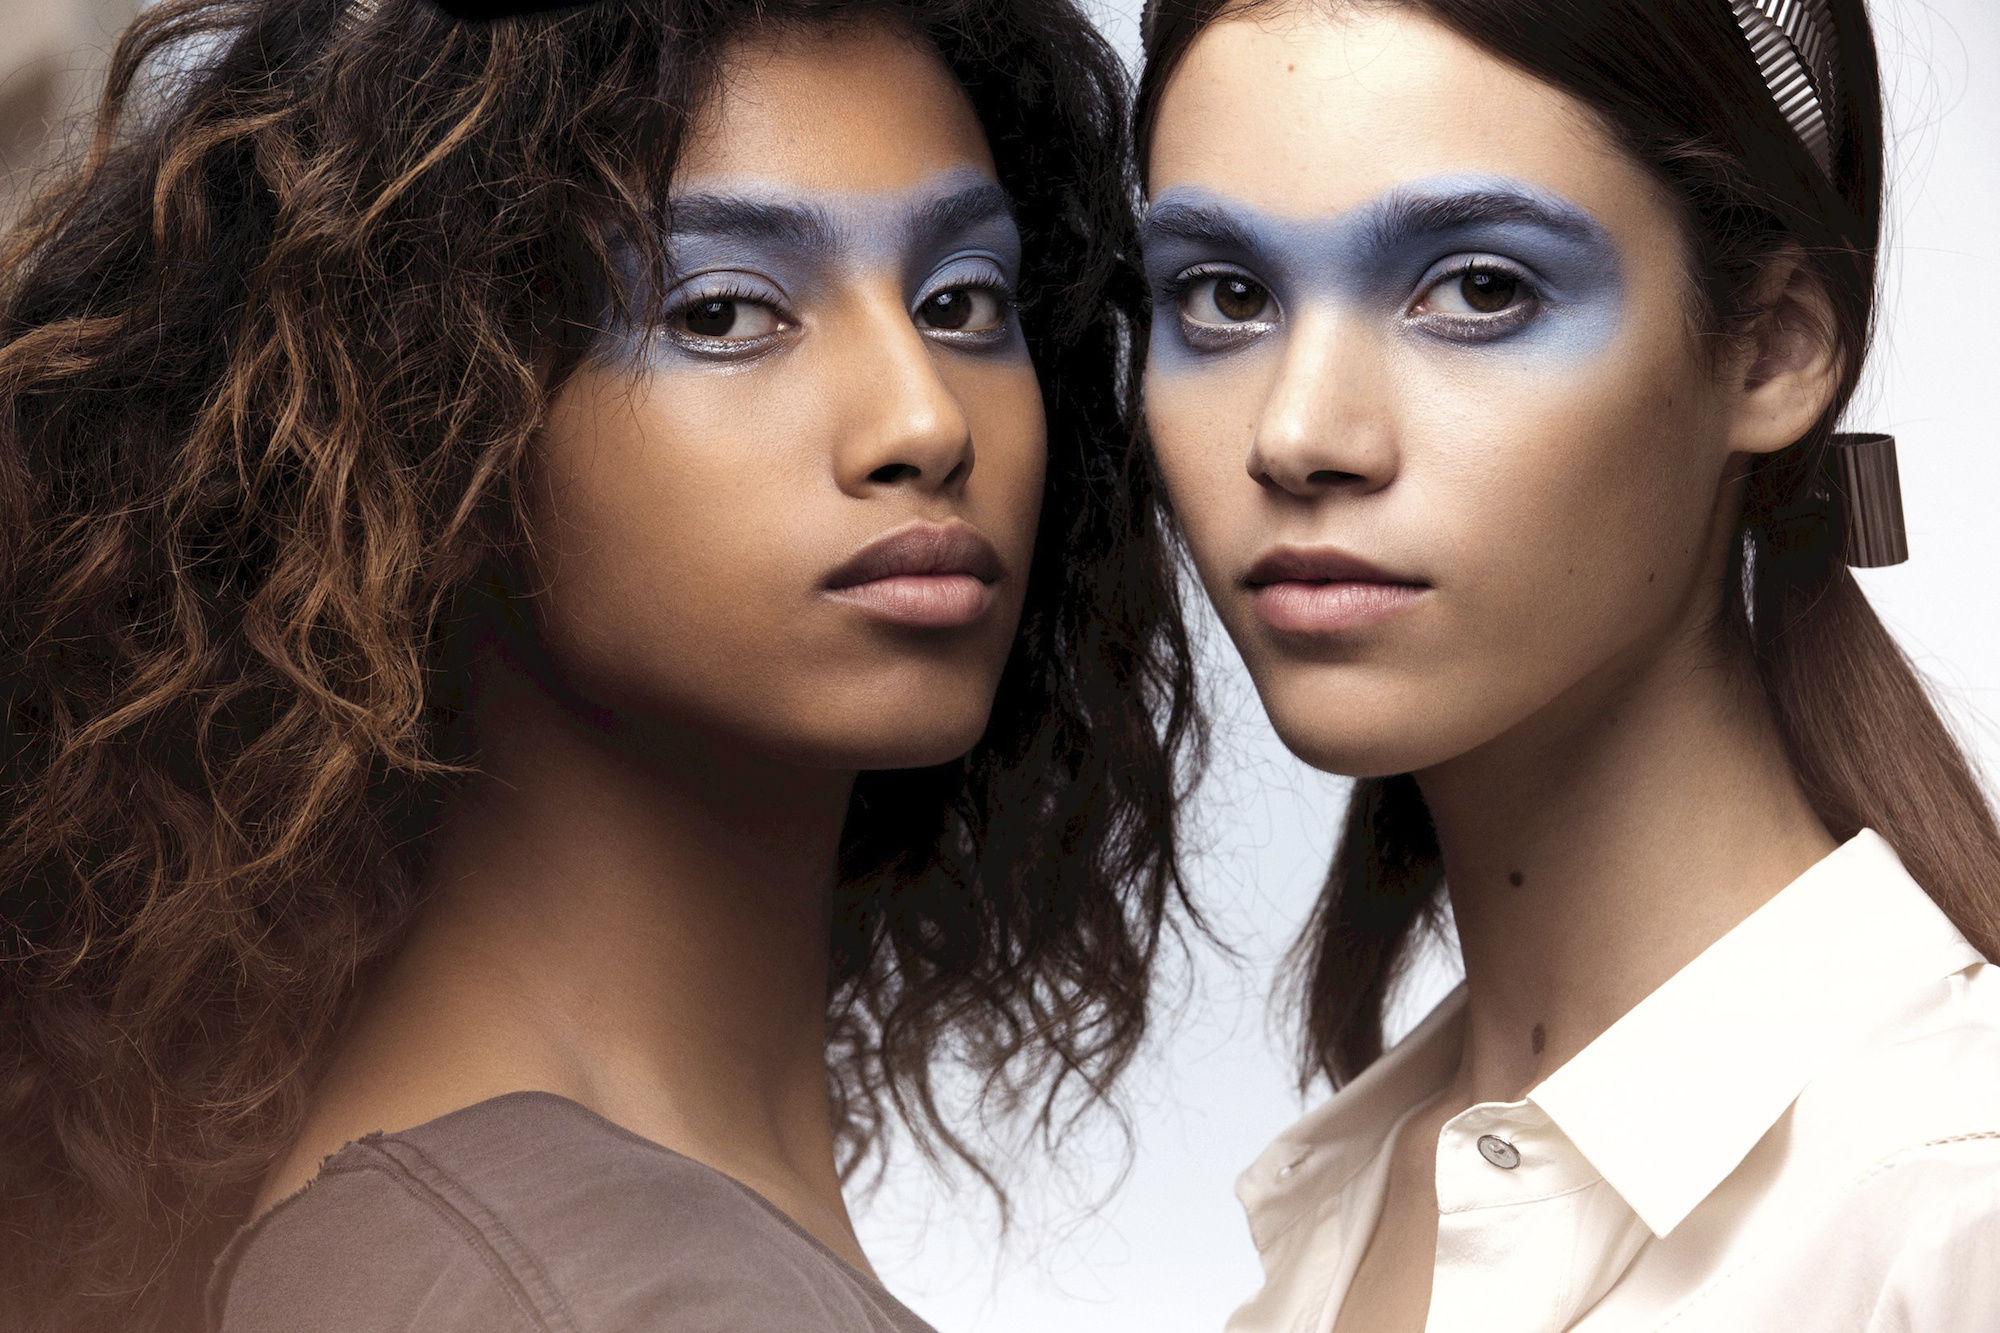 Синий макияж для смуглой кожи